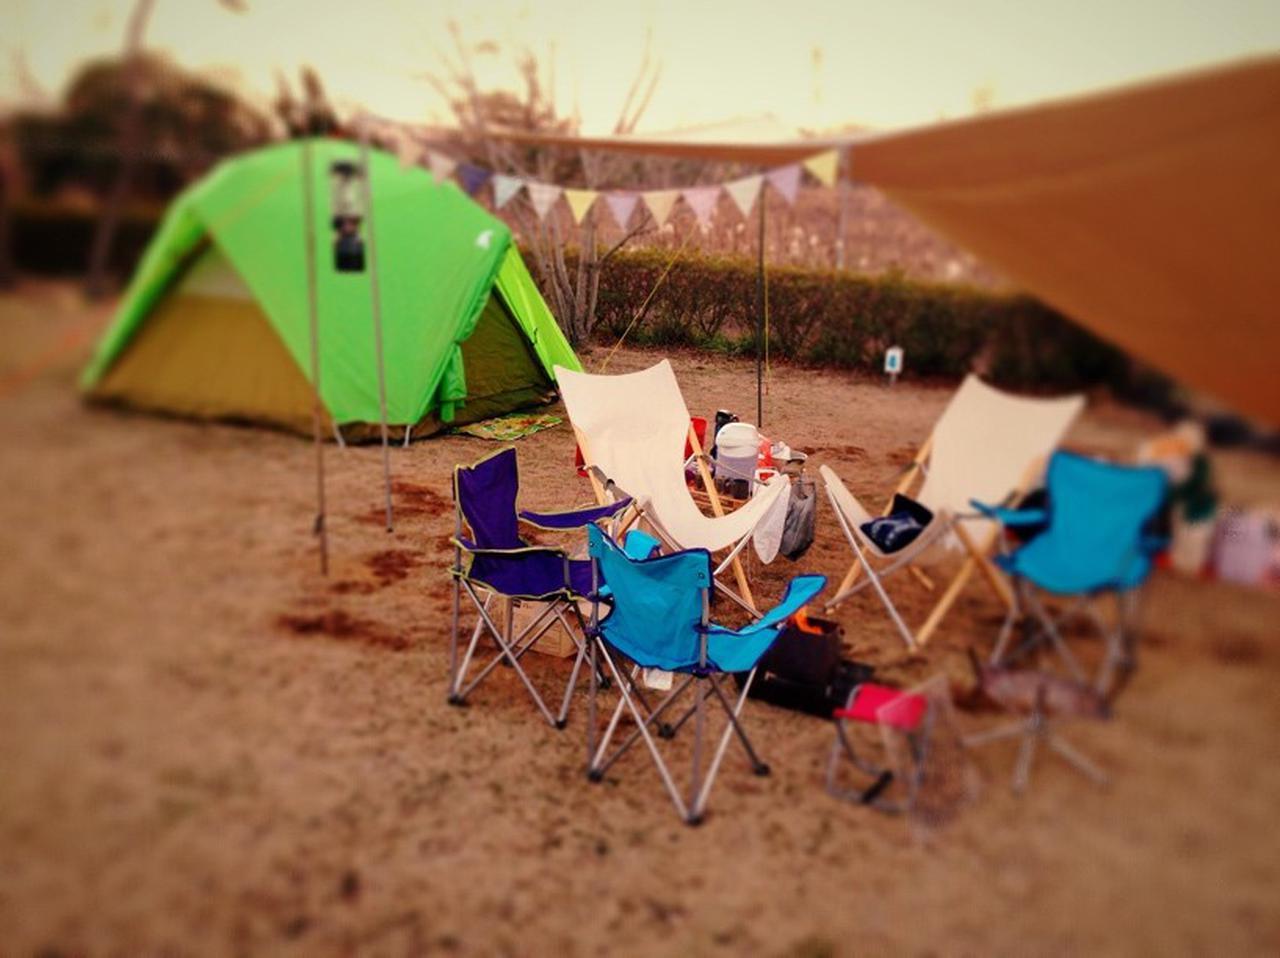 画像: 【筆者愛用】ファミリーキャンプに◎!あると便利な意外なキャンプ道具3選をご紹介 - ハピキャン(HAPPY CAMPER)